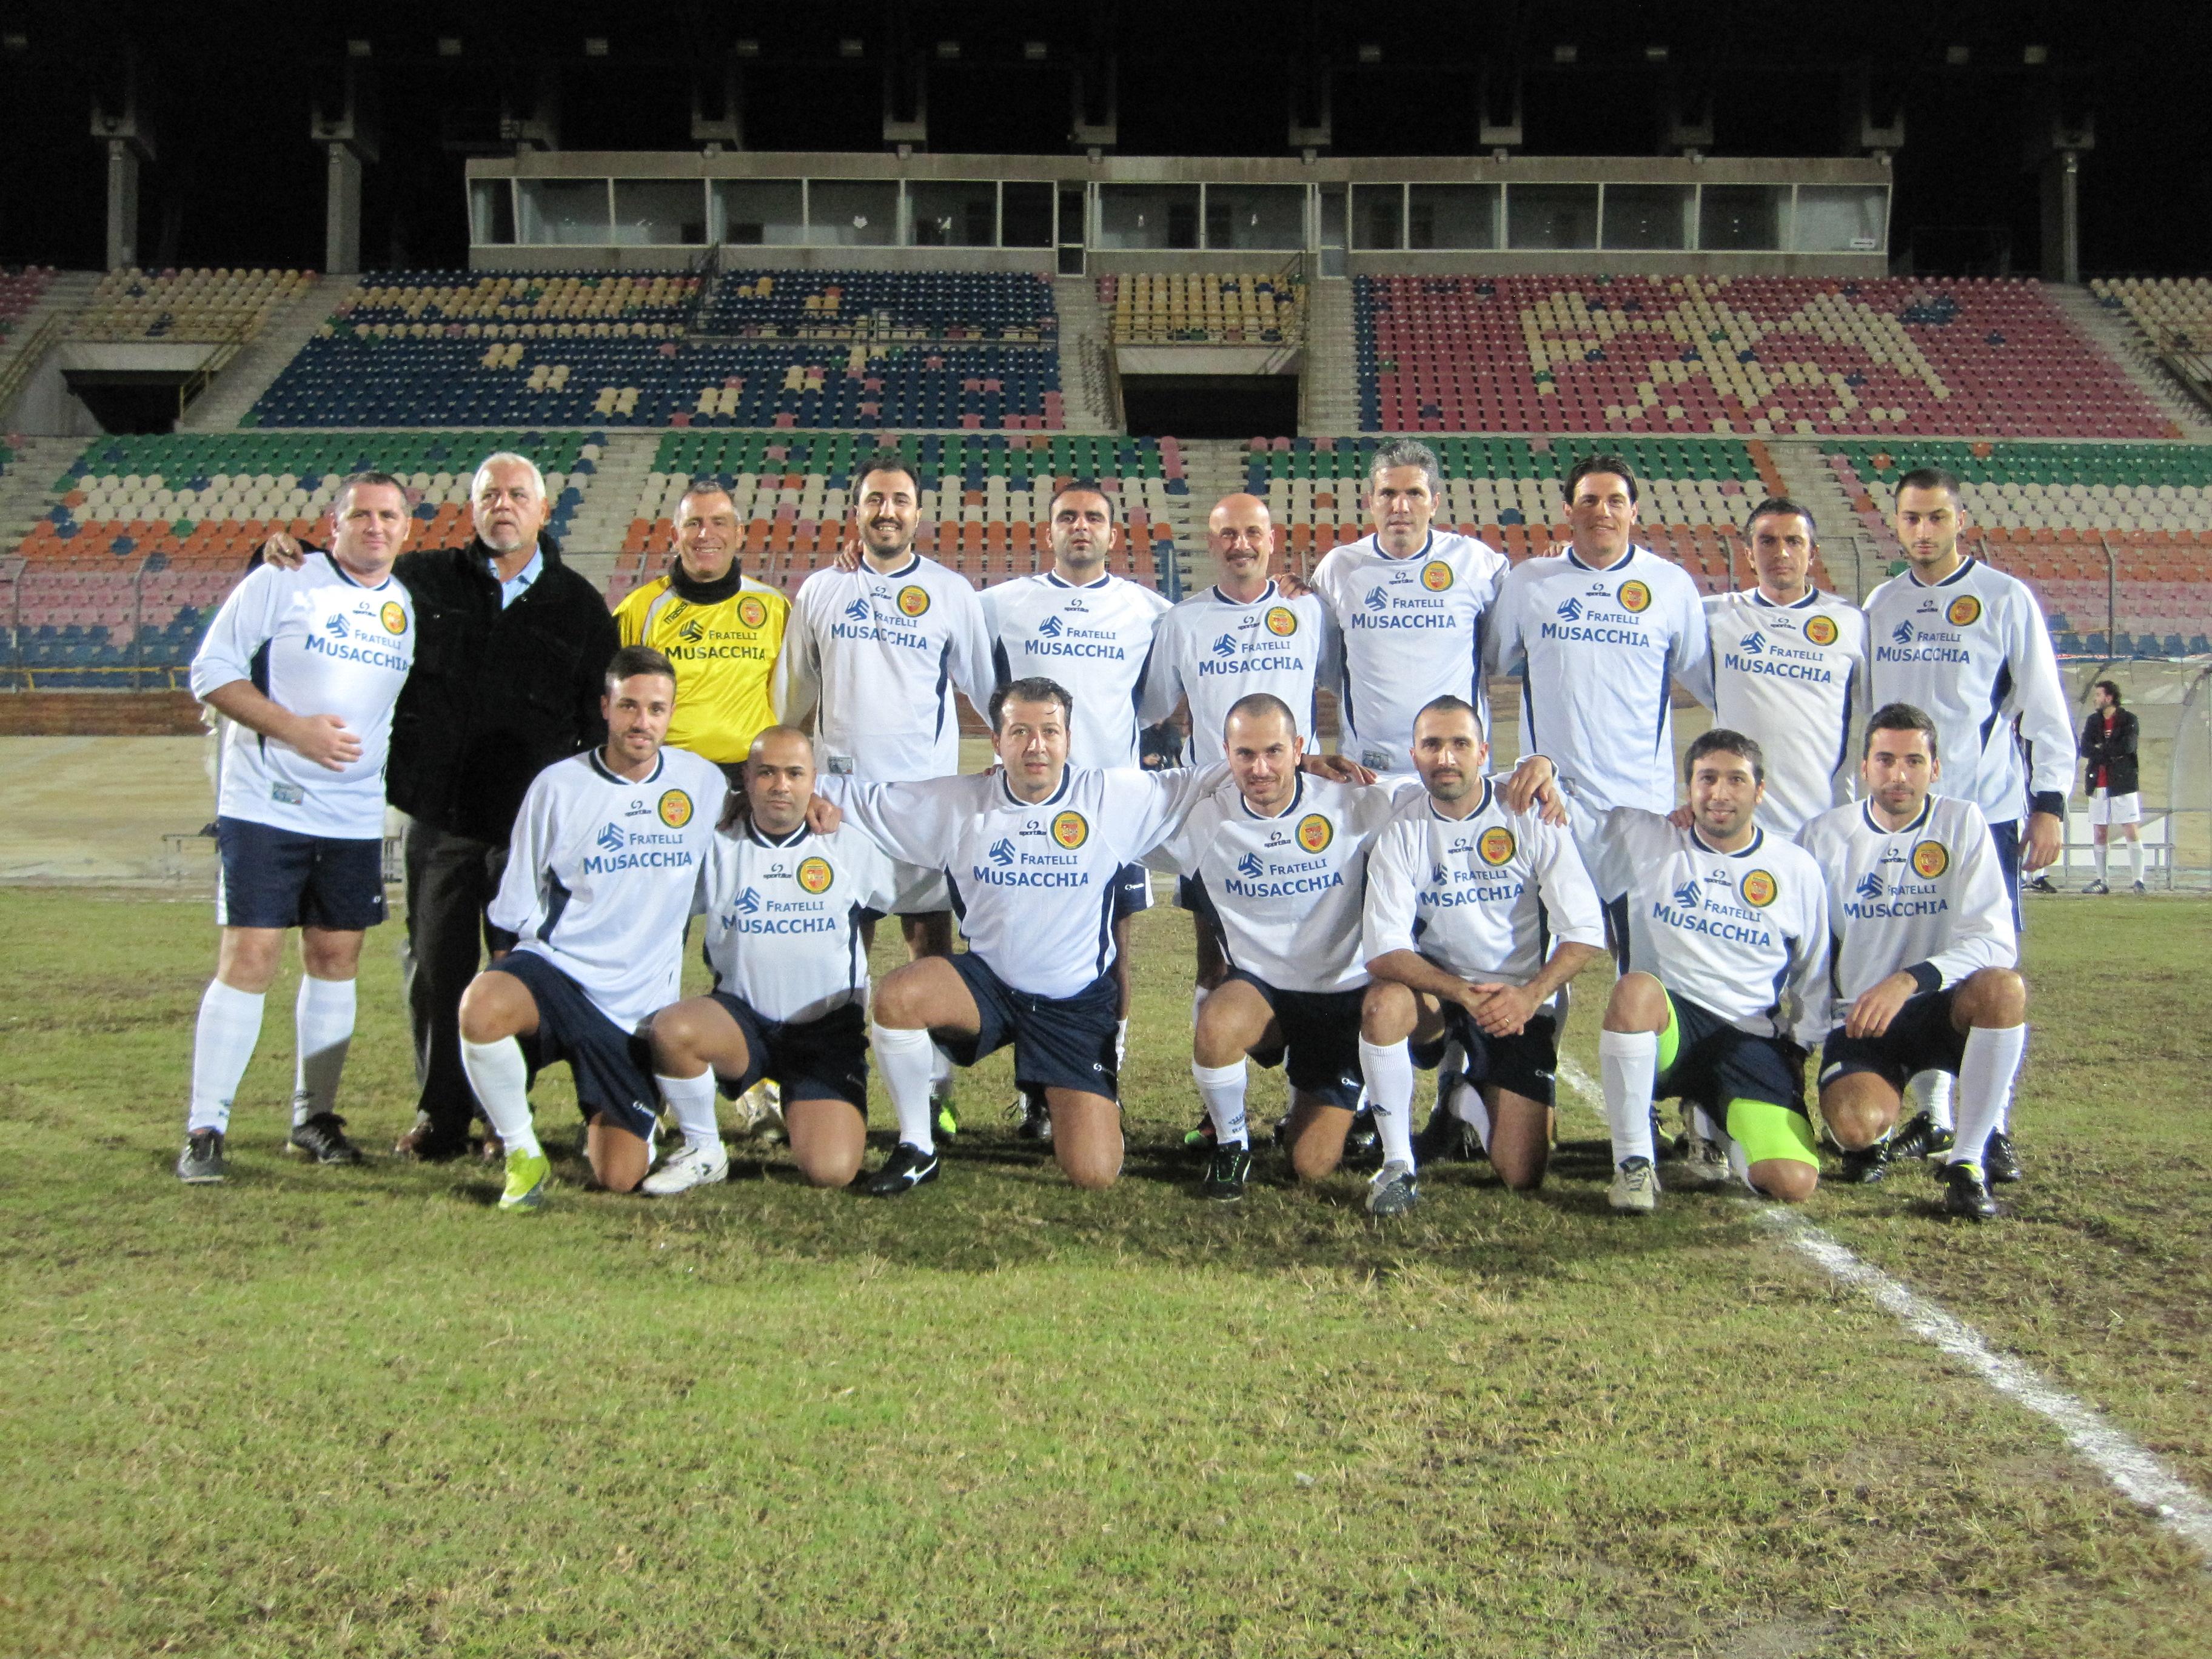 """Quarta giornata del campionato di calcio """"Sport-Legalità 2012/2013"""": risultati e classifiche"""